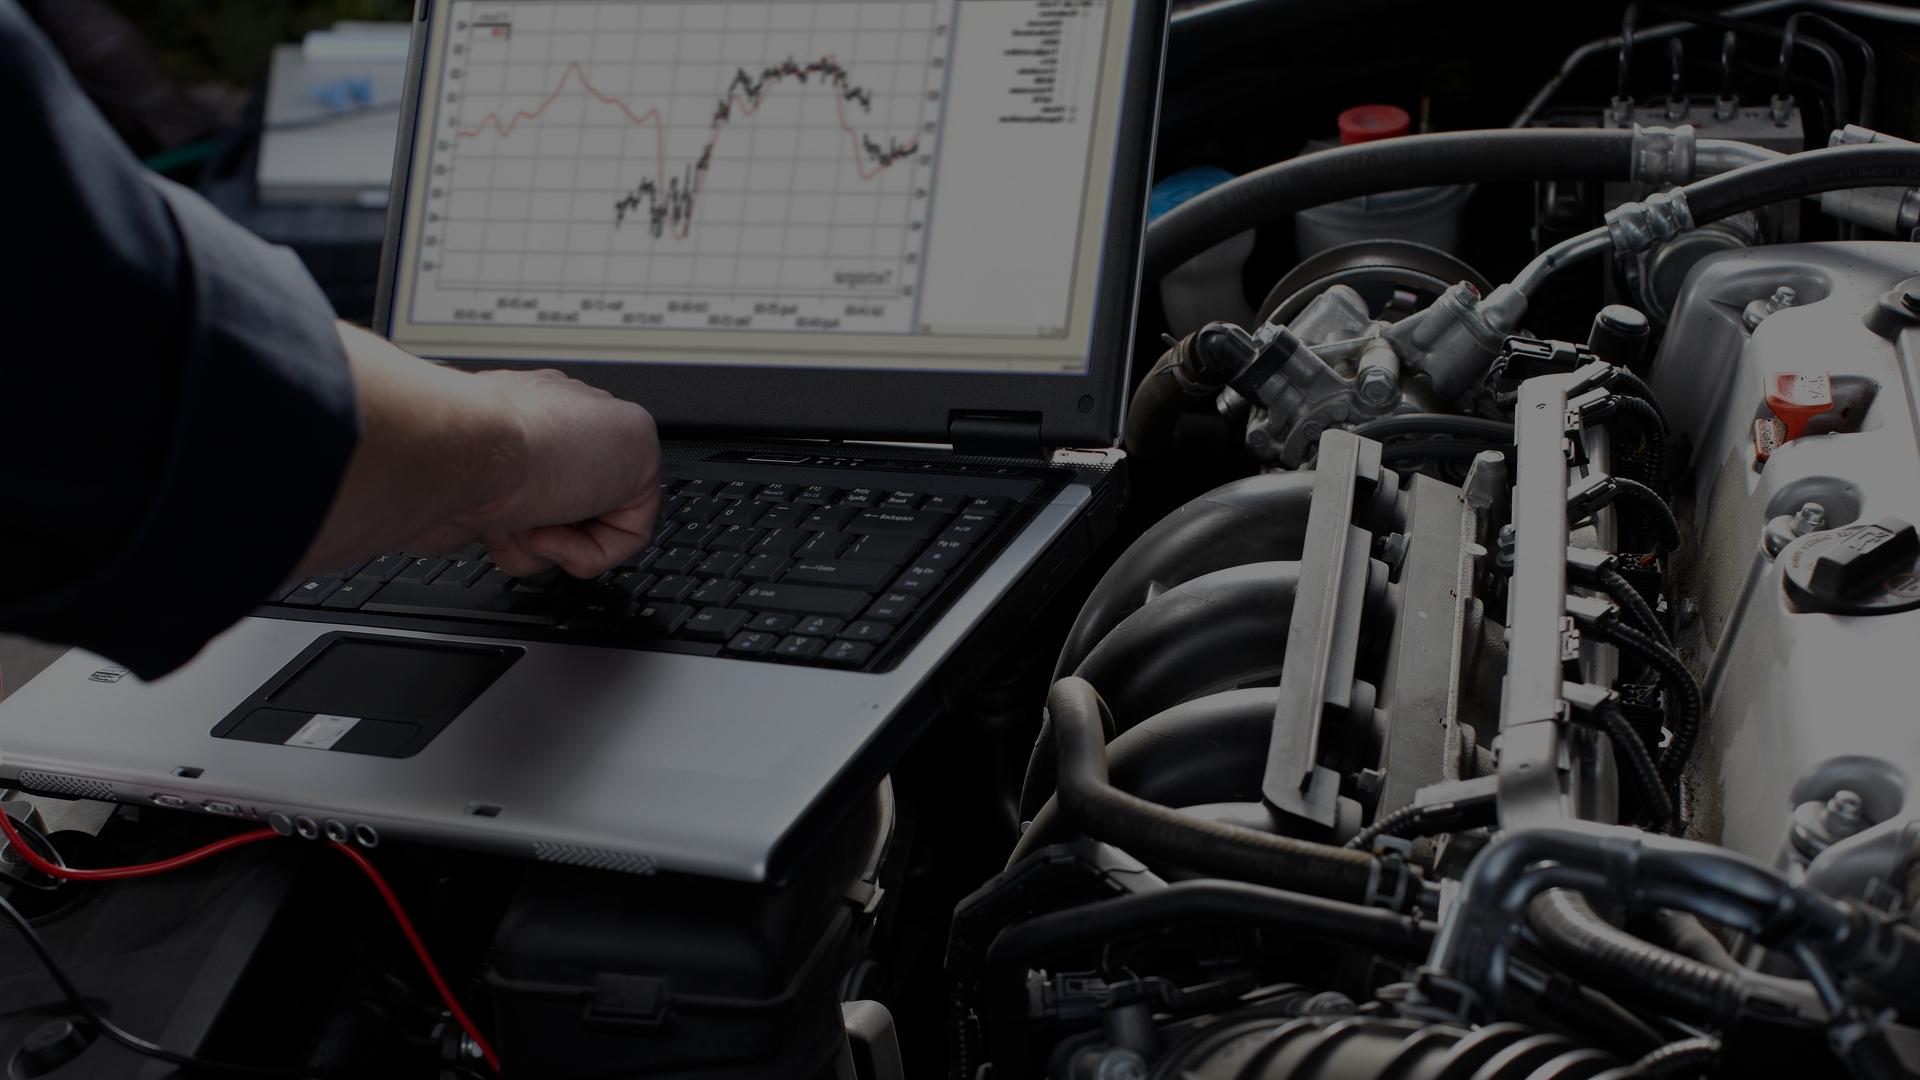 Sistemi per la ricerca guasti dei veicoli